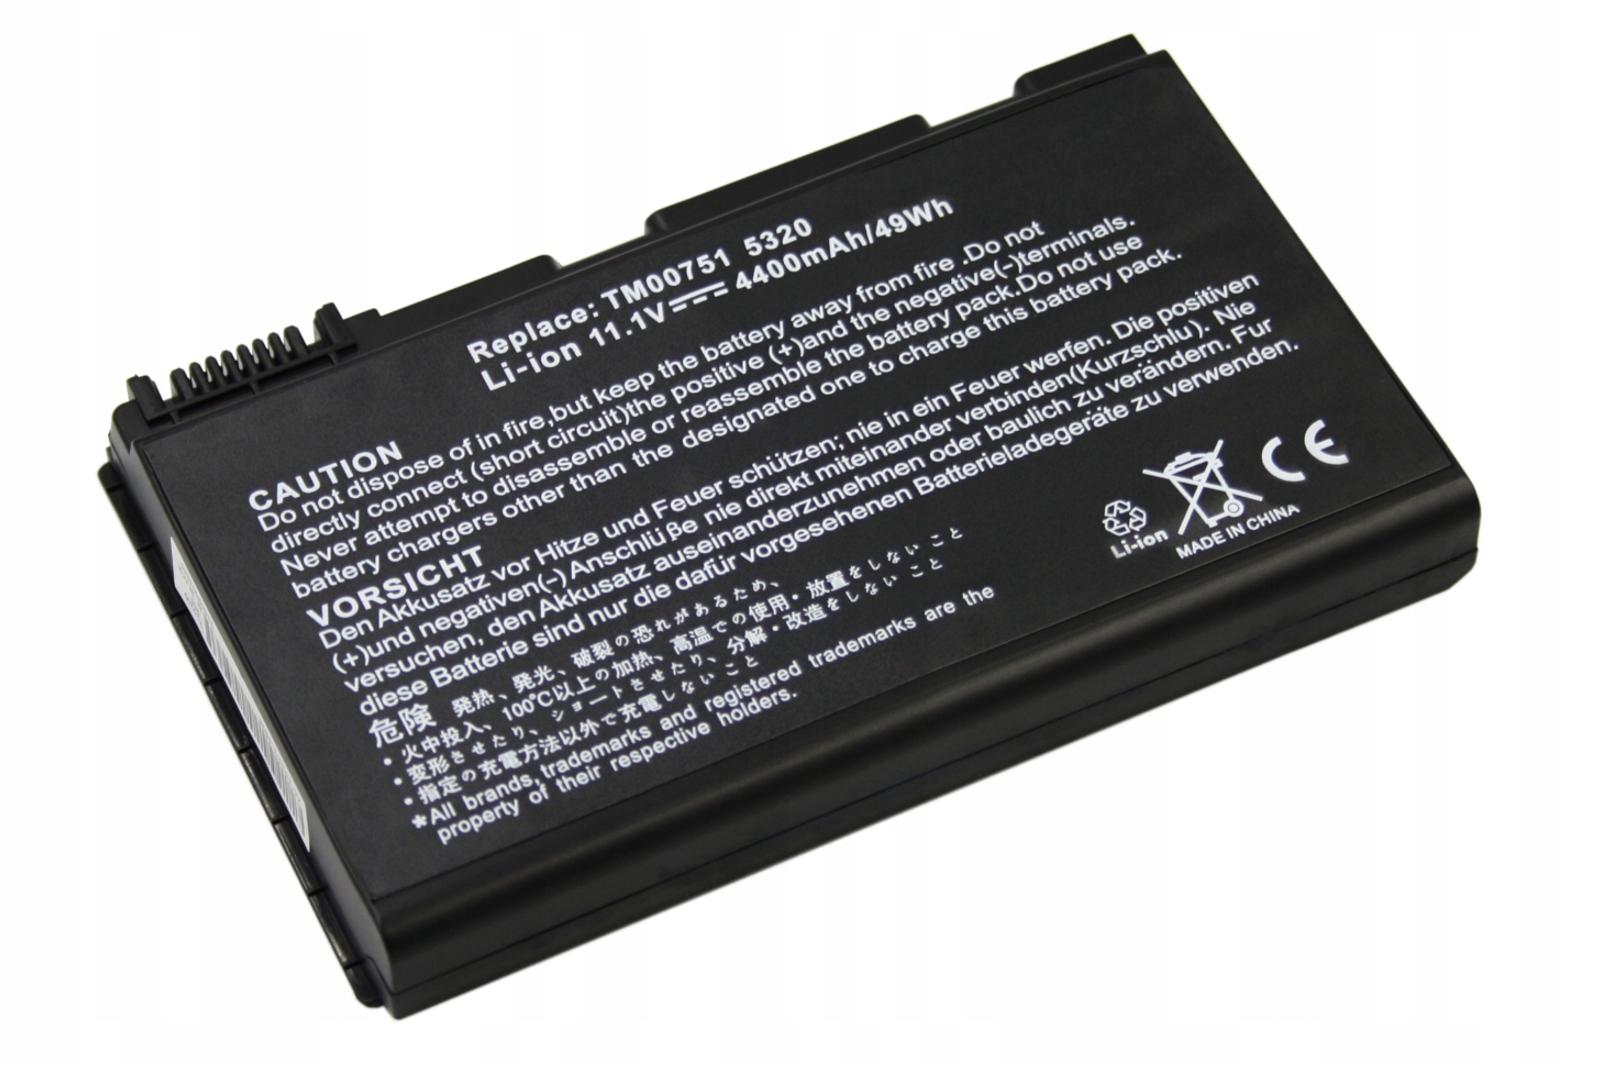 BATERIA AKUMULATOR ACER EXTENSA 5220 5230E 5620 5620Z GRAPE32 - Baterie do laptopów